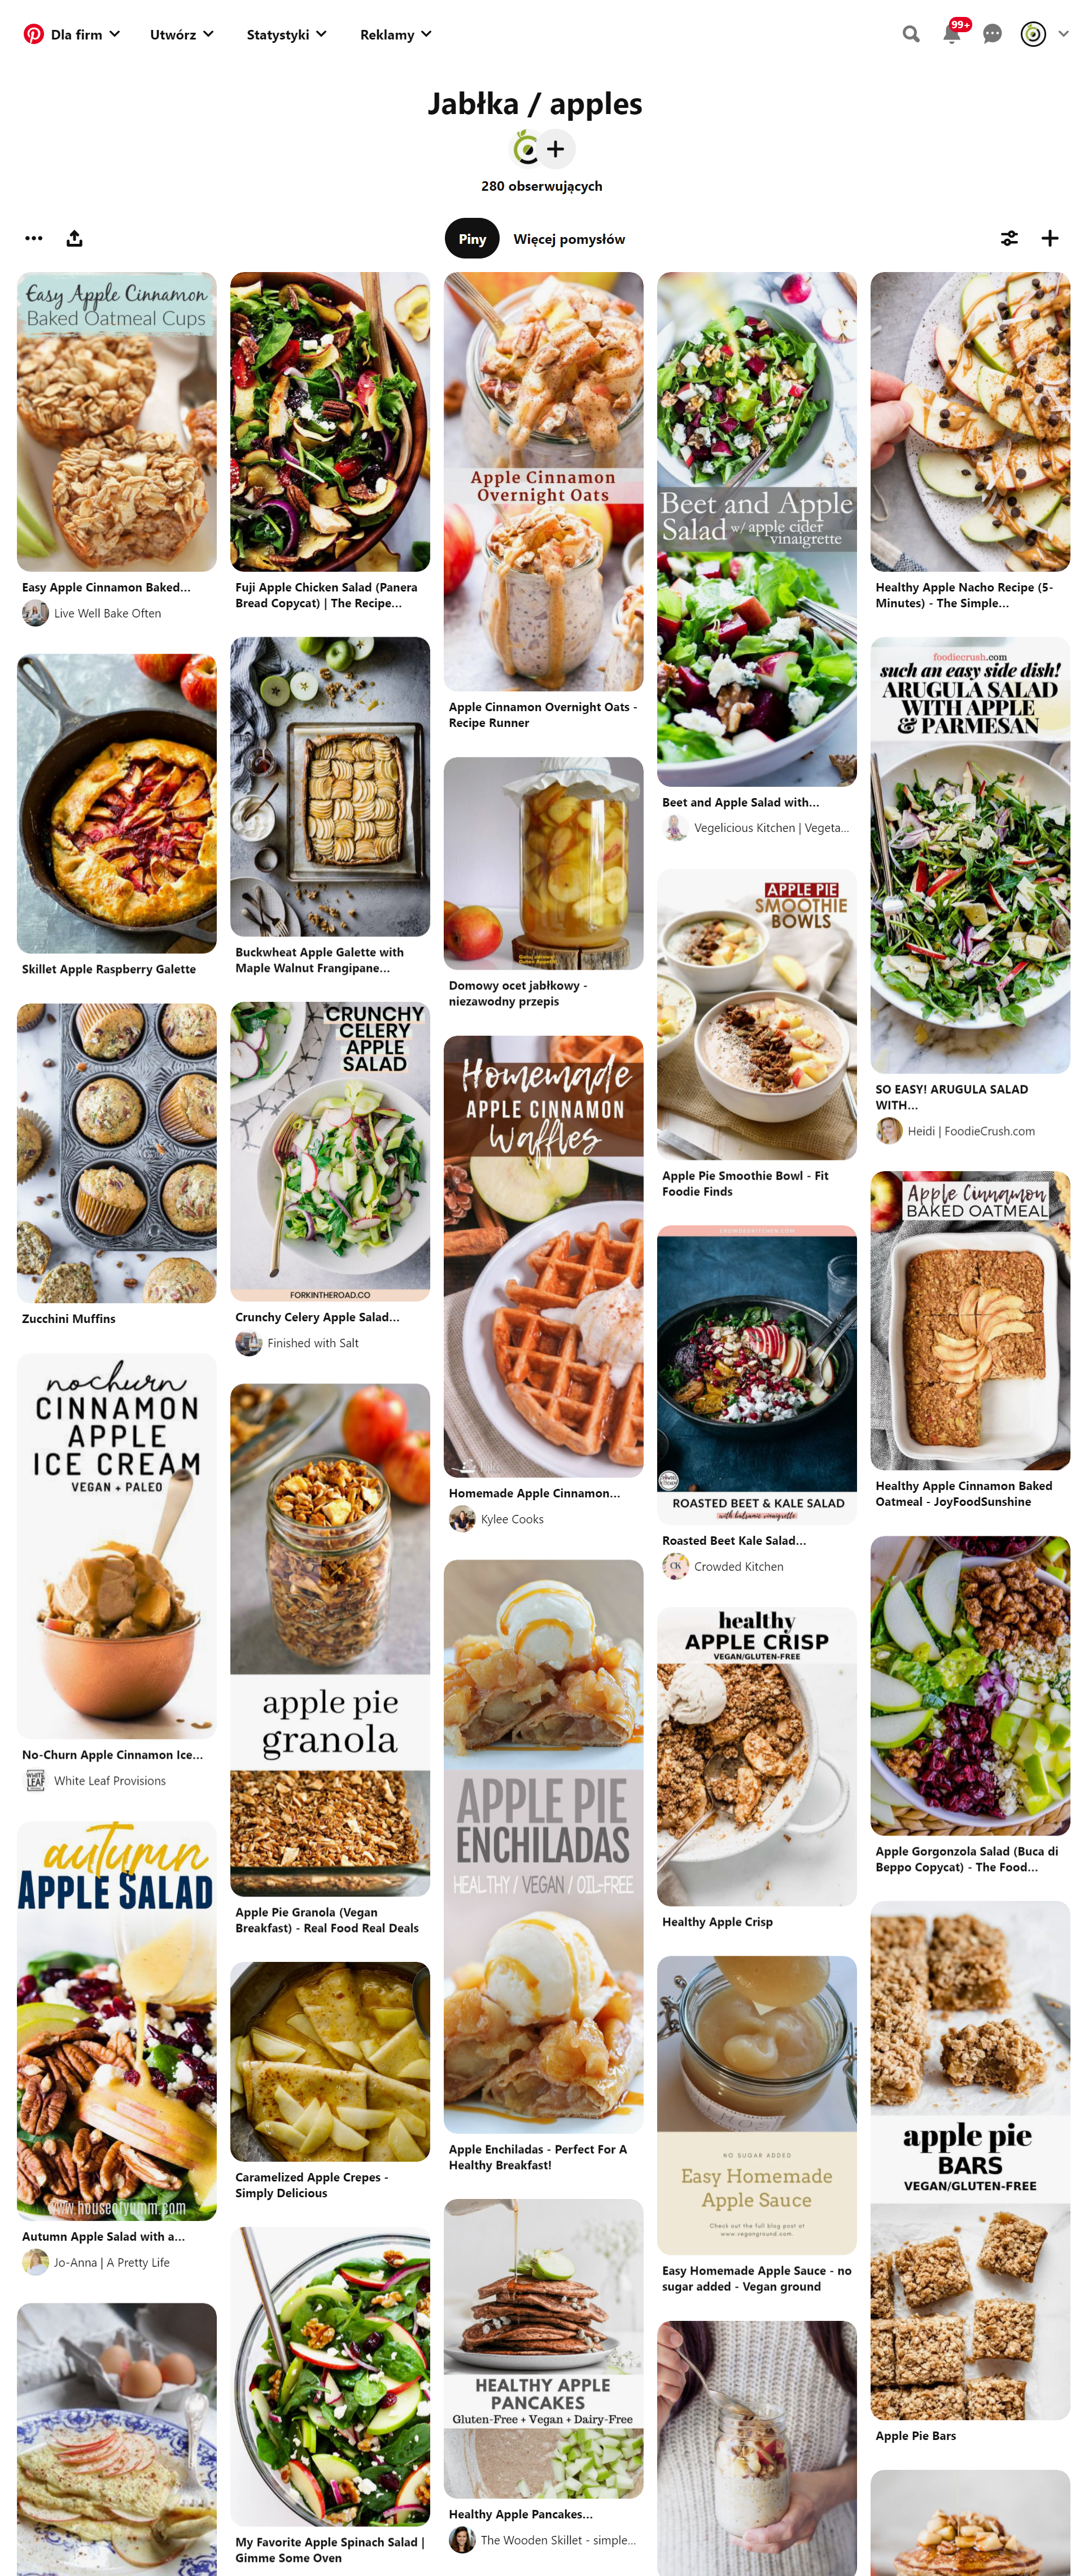 Zbiór inspiracji na dania z jabłkami znajdziesz na moim Pintereście - kliknij w obrazek :)